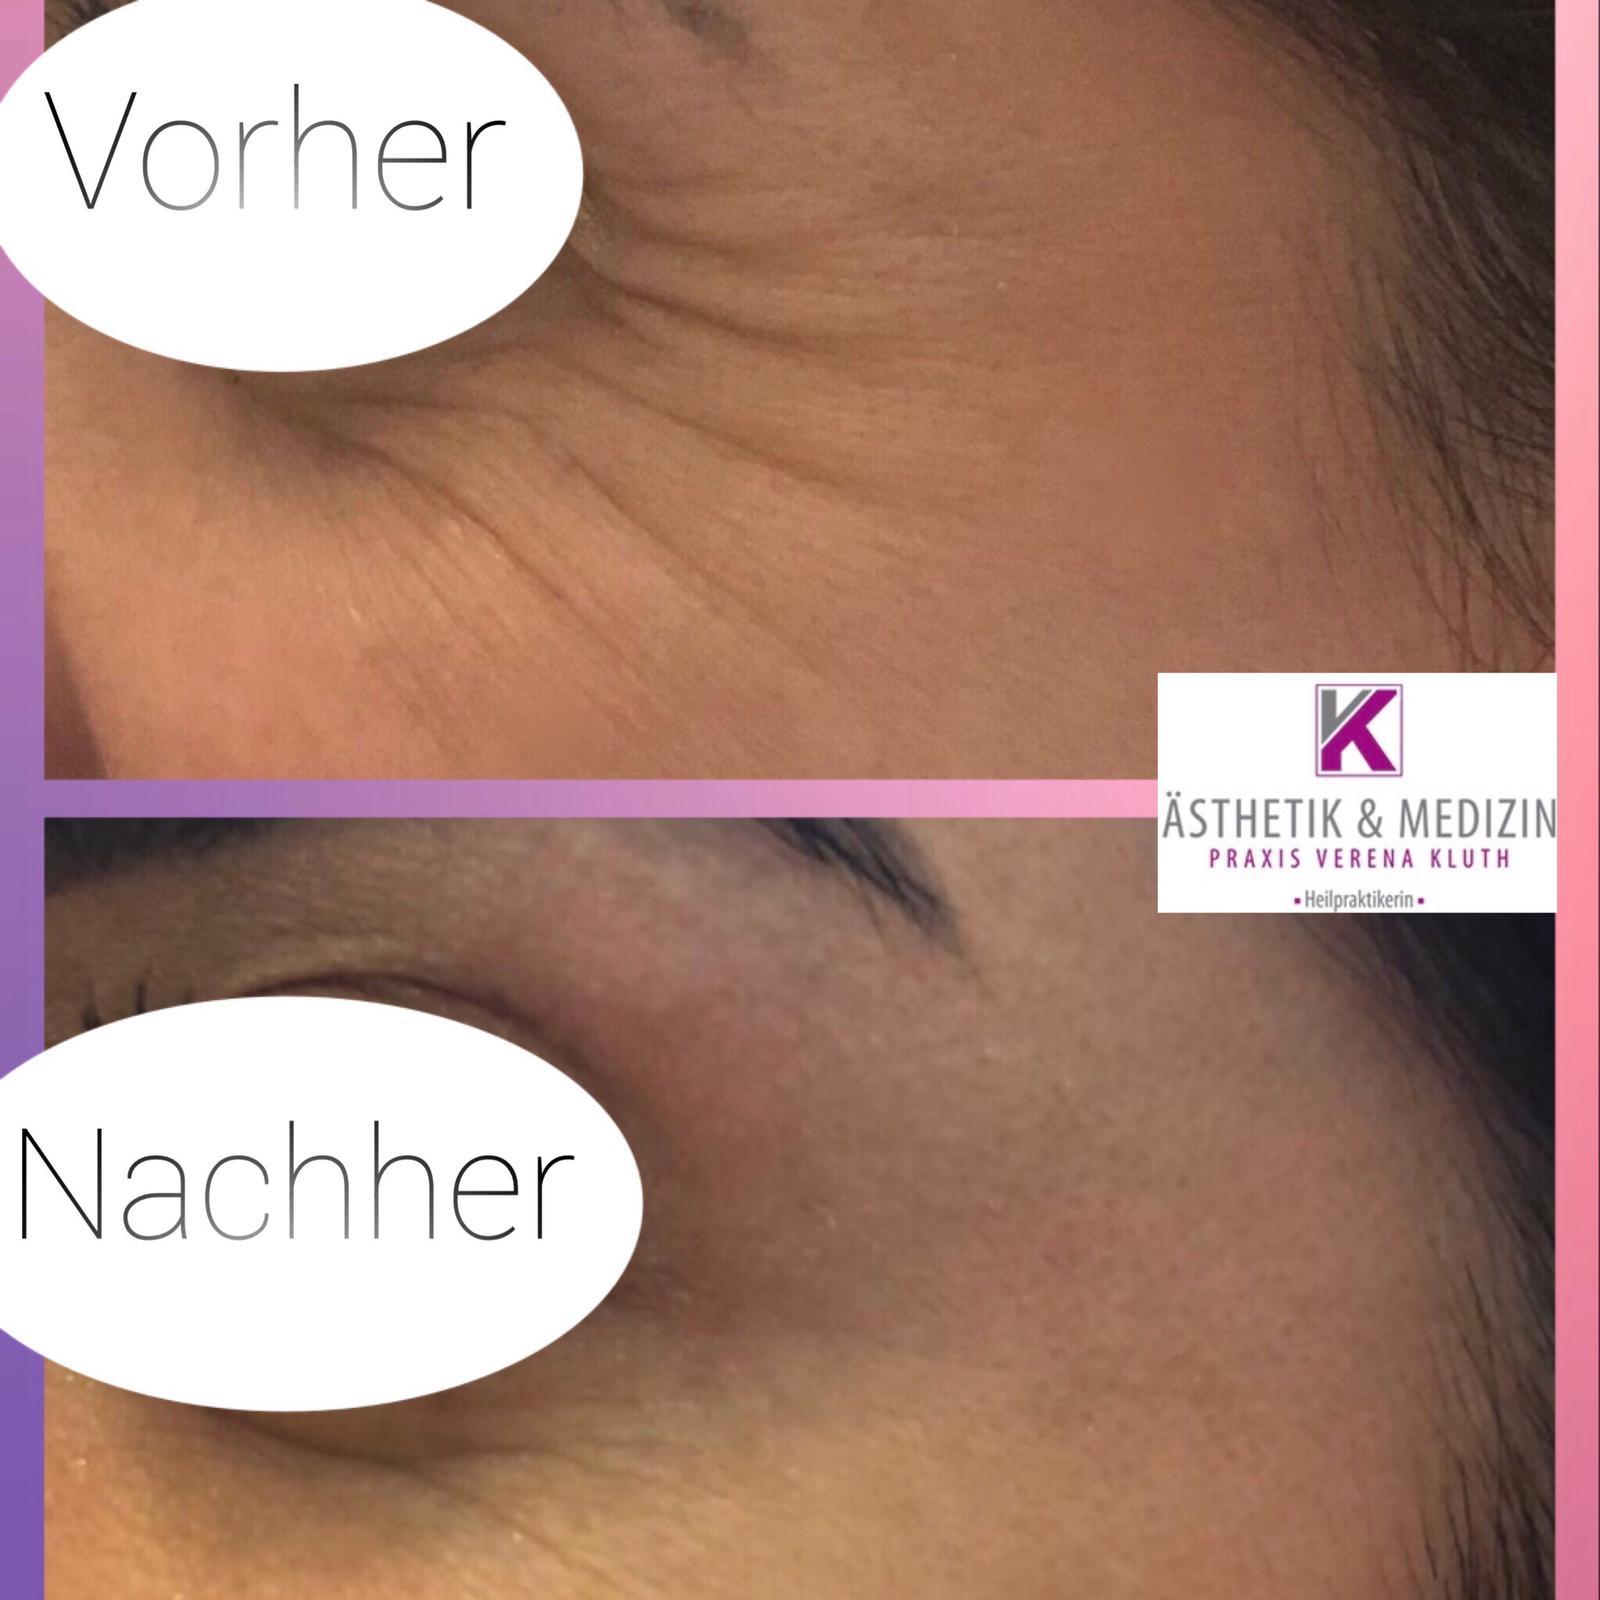 Entspannung der Gesichtsmuskulatur im Stirn- und Augenbereich. Für ein frischeres und entspannteres Aussehen.